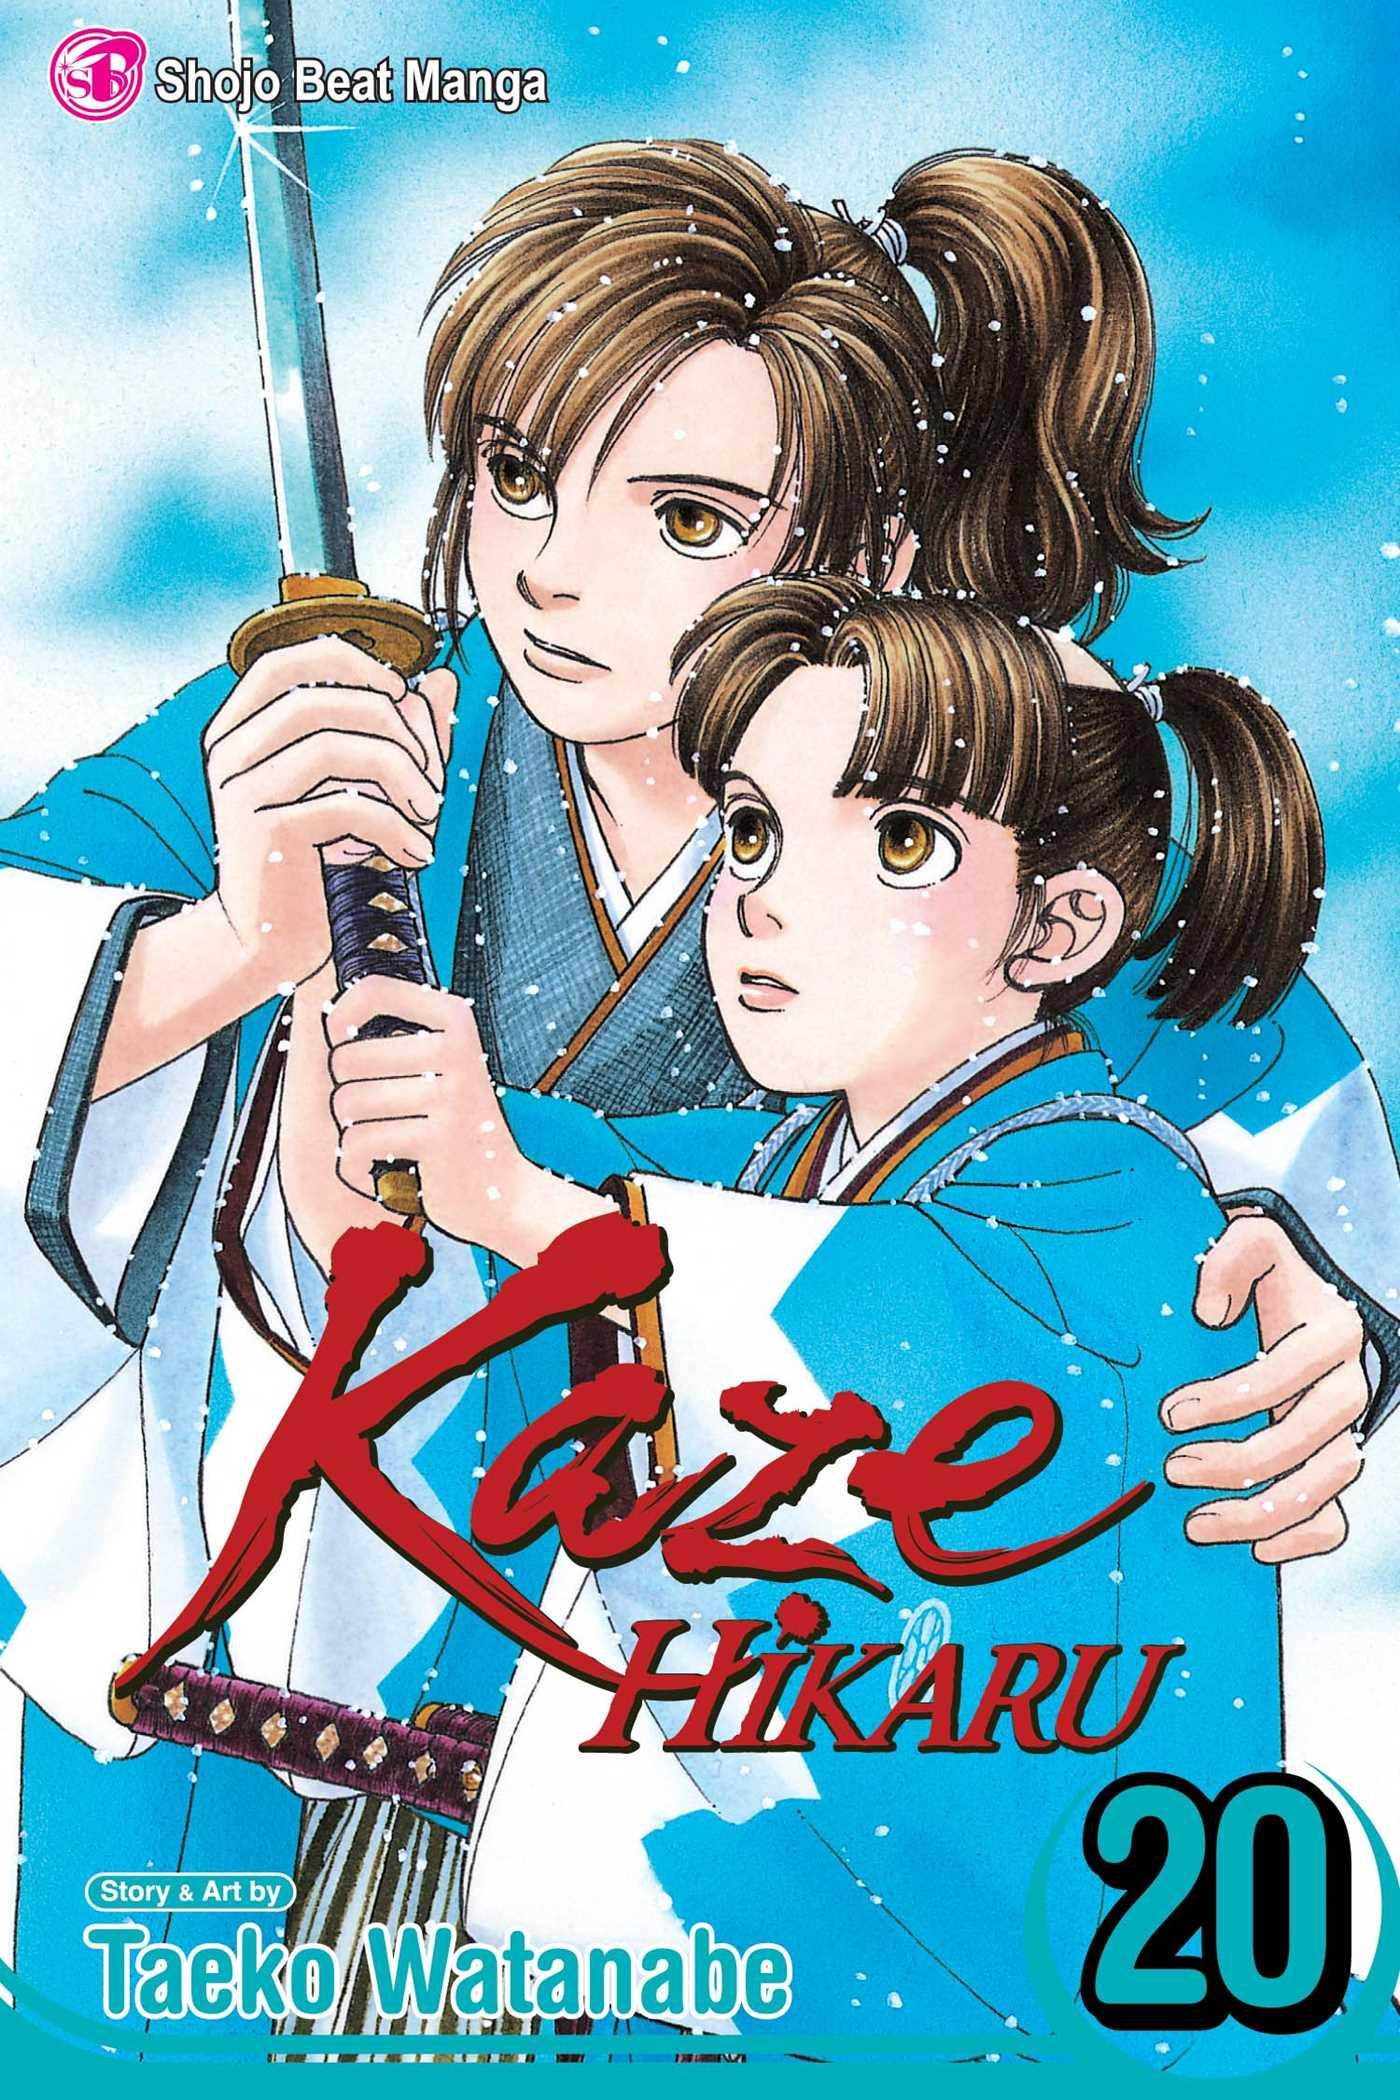 Kaze hikaru vol 20 9781421535845 hr